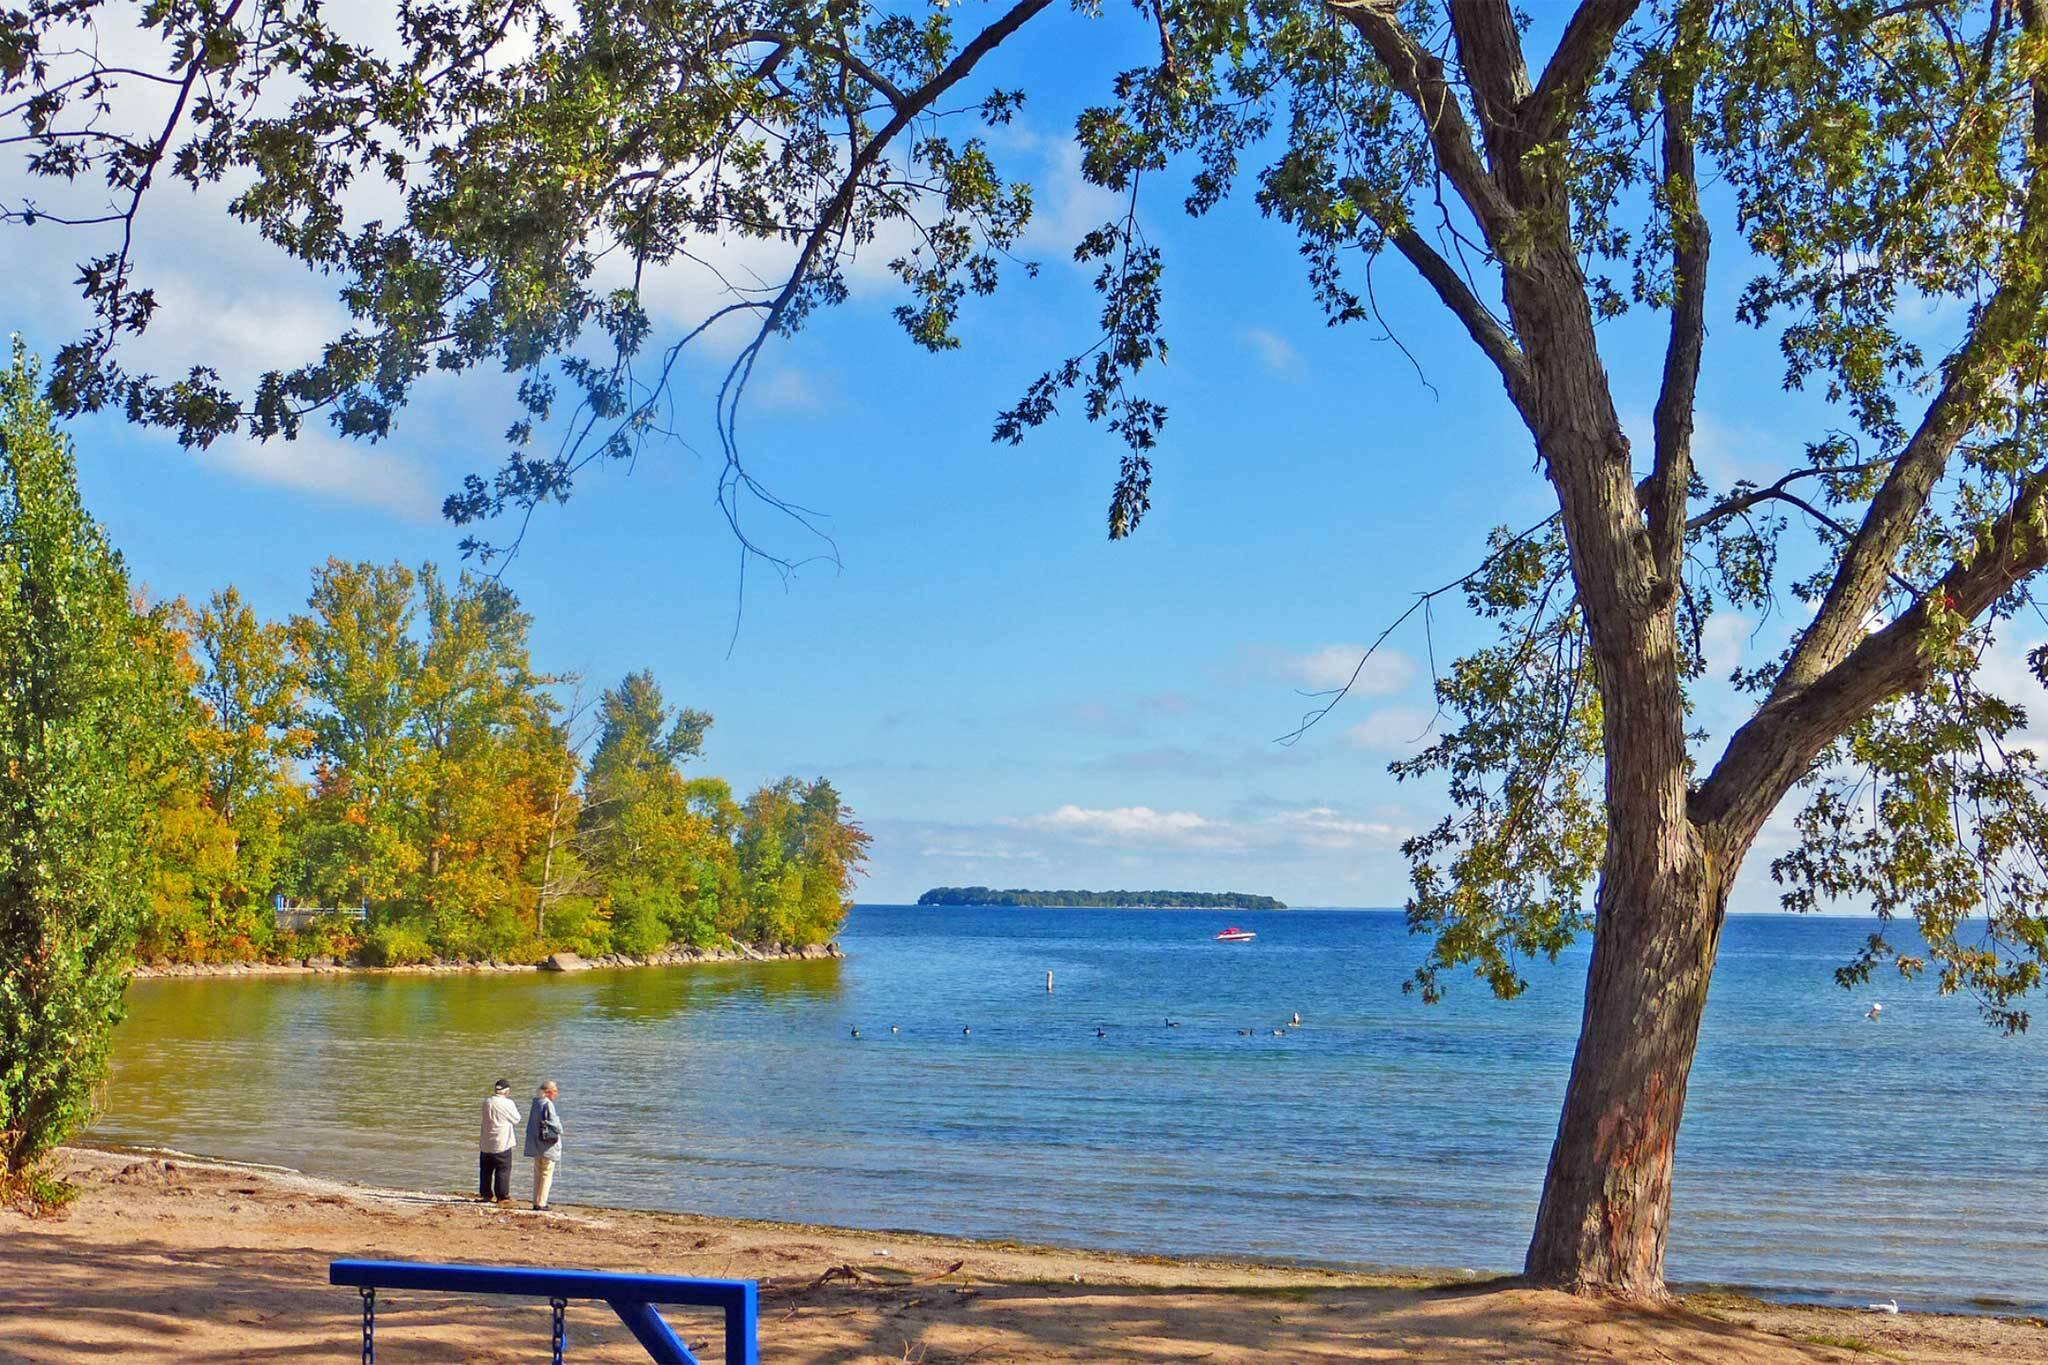 beaches near toronto